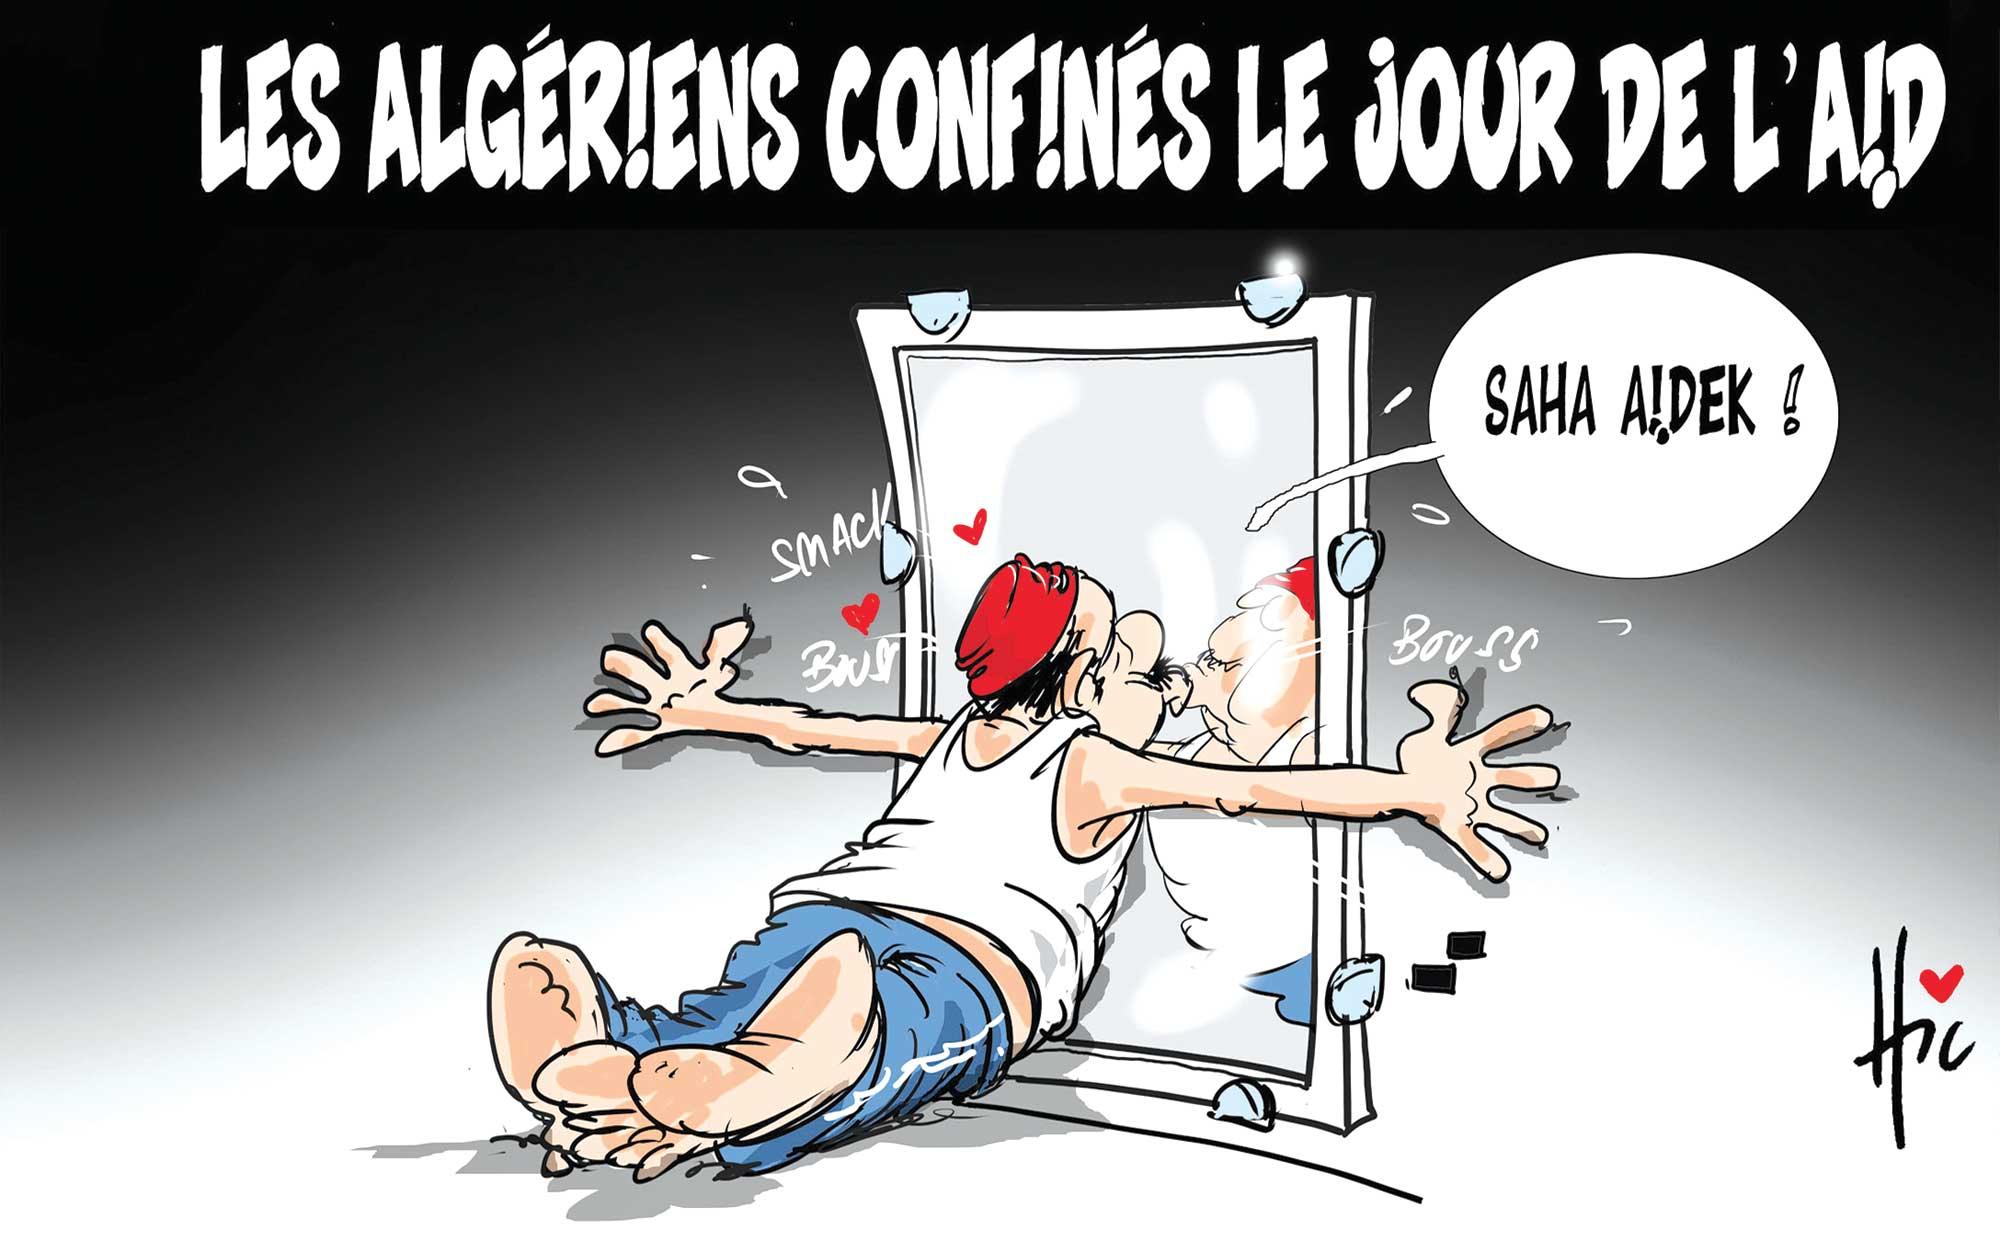 Les algériens confinés le jour de l'Aid - Le Hic - El Watan - Gagdz.com